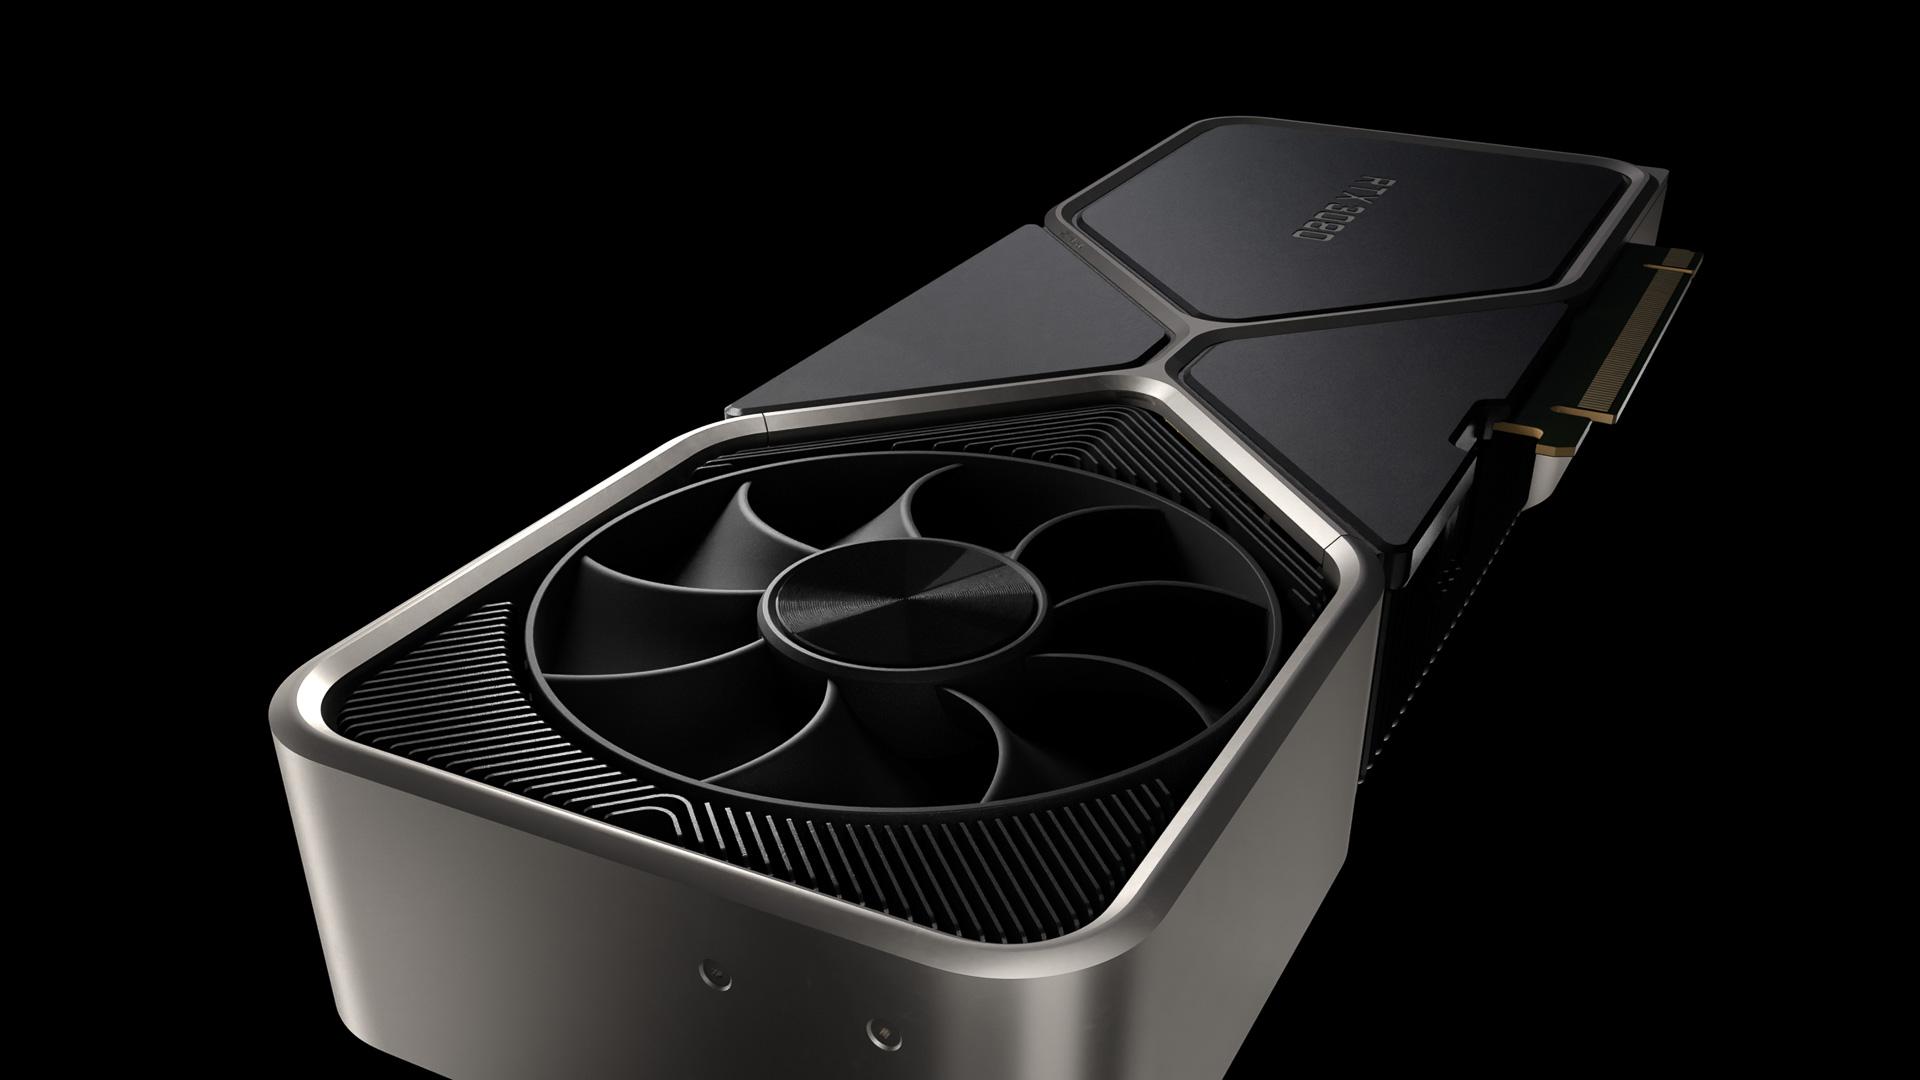 GeForce RTX 3080は売れ筋と考えられている製品。2スロットで長さはGeForce RTX 2080 Tiの266.74mmからやや長くなっている。9月17日に699ドルで販売開始予定、日本では109,800円という予価がアナウンスされている(出典:NVIDIA)